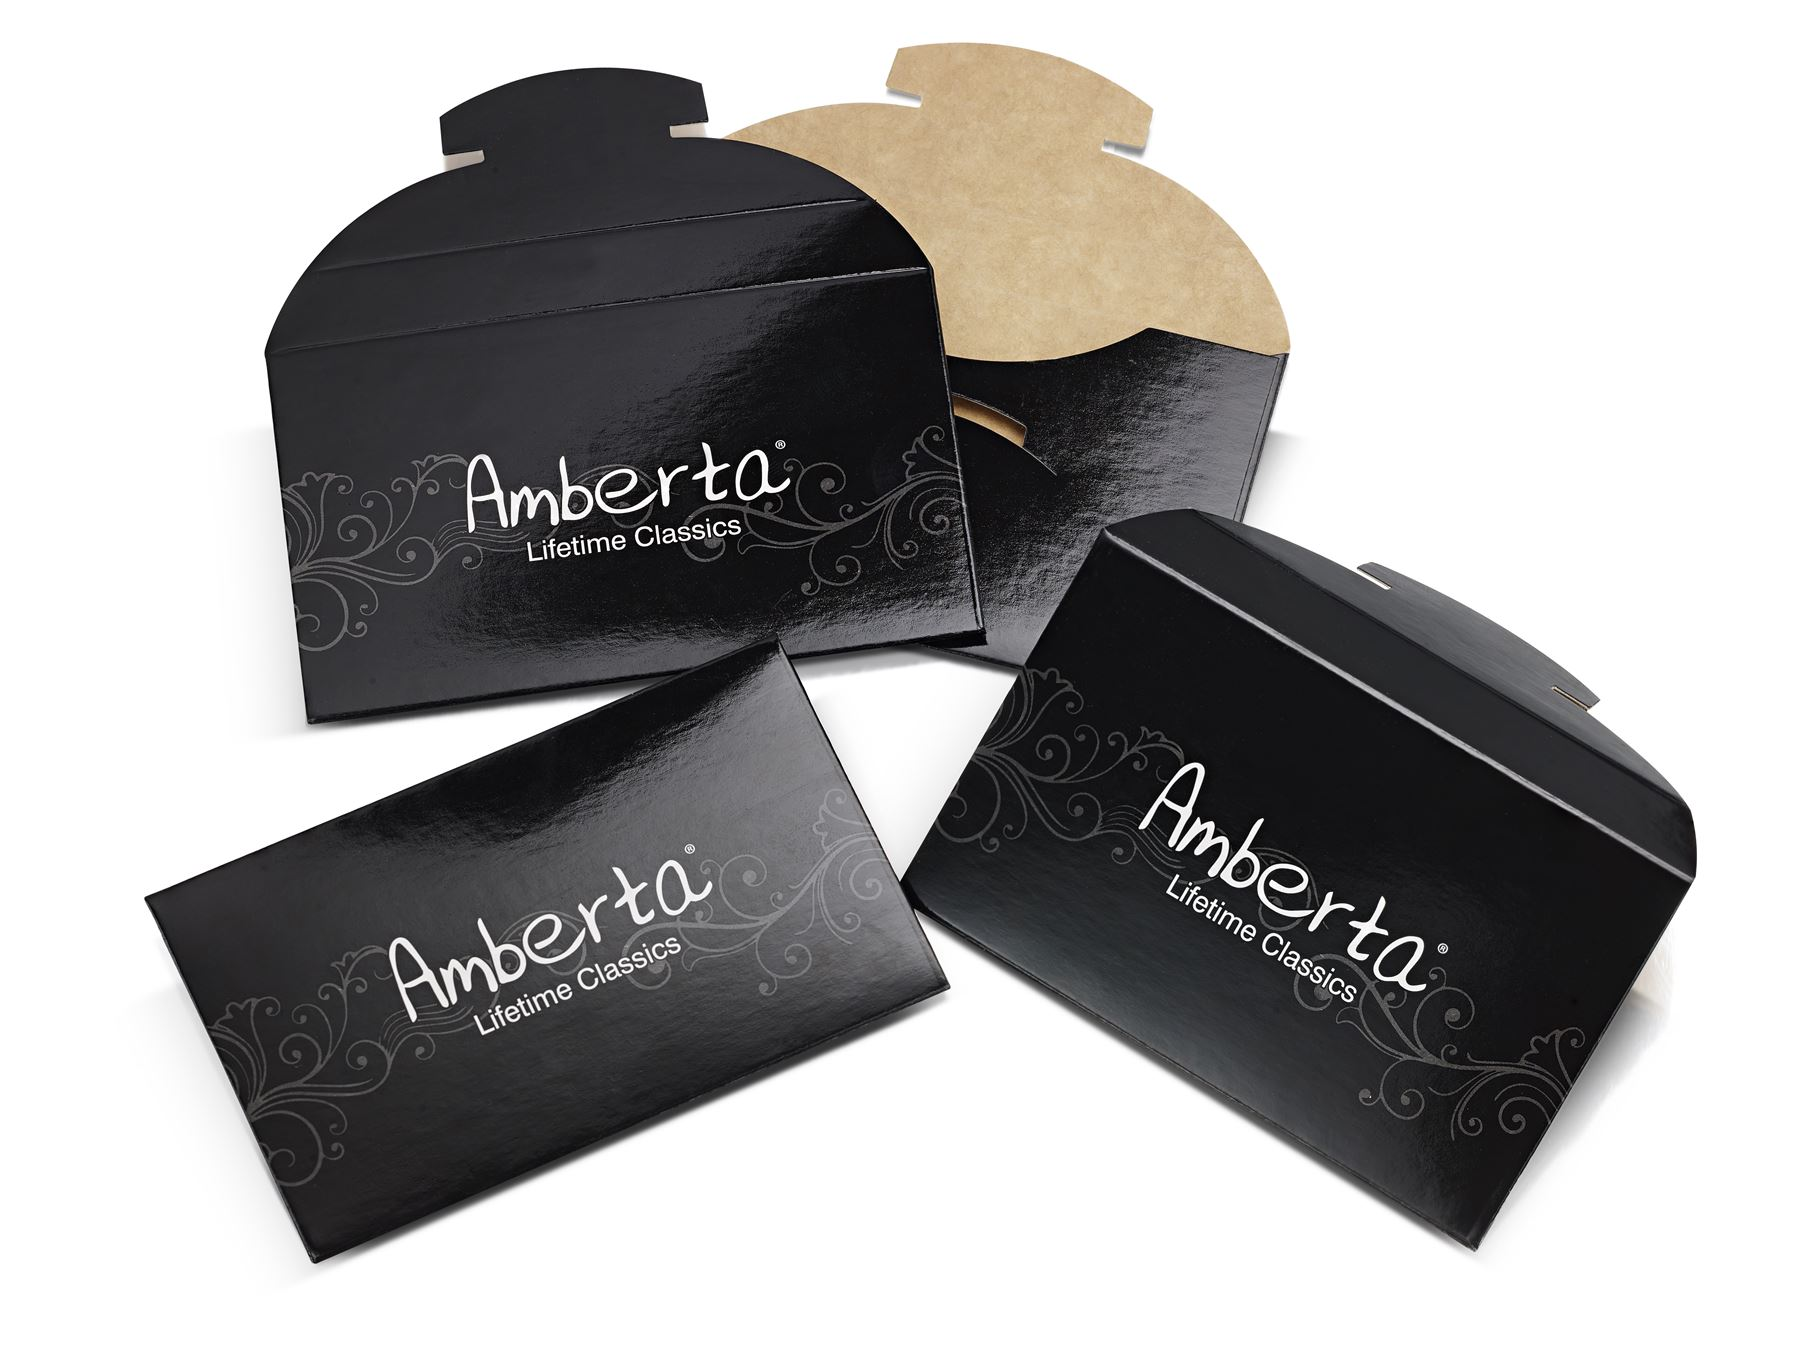 Amberta-Bijoux-Bracelet-en-Vrai-Argent-Sterling-925-Chaine-pour-Femme-a-la-Mode thumbnail 62